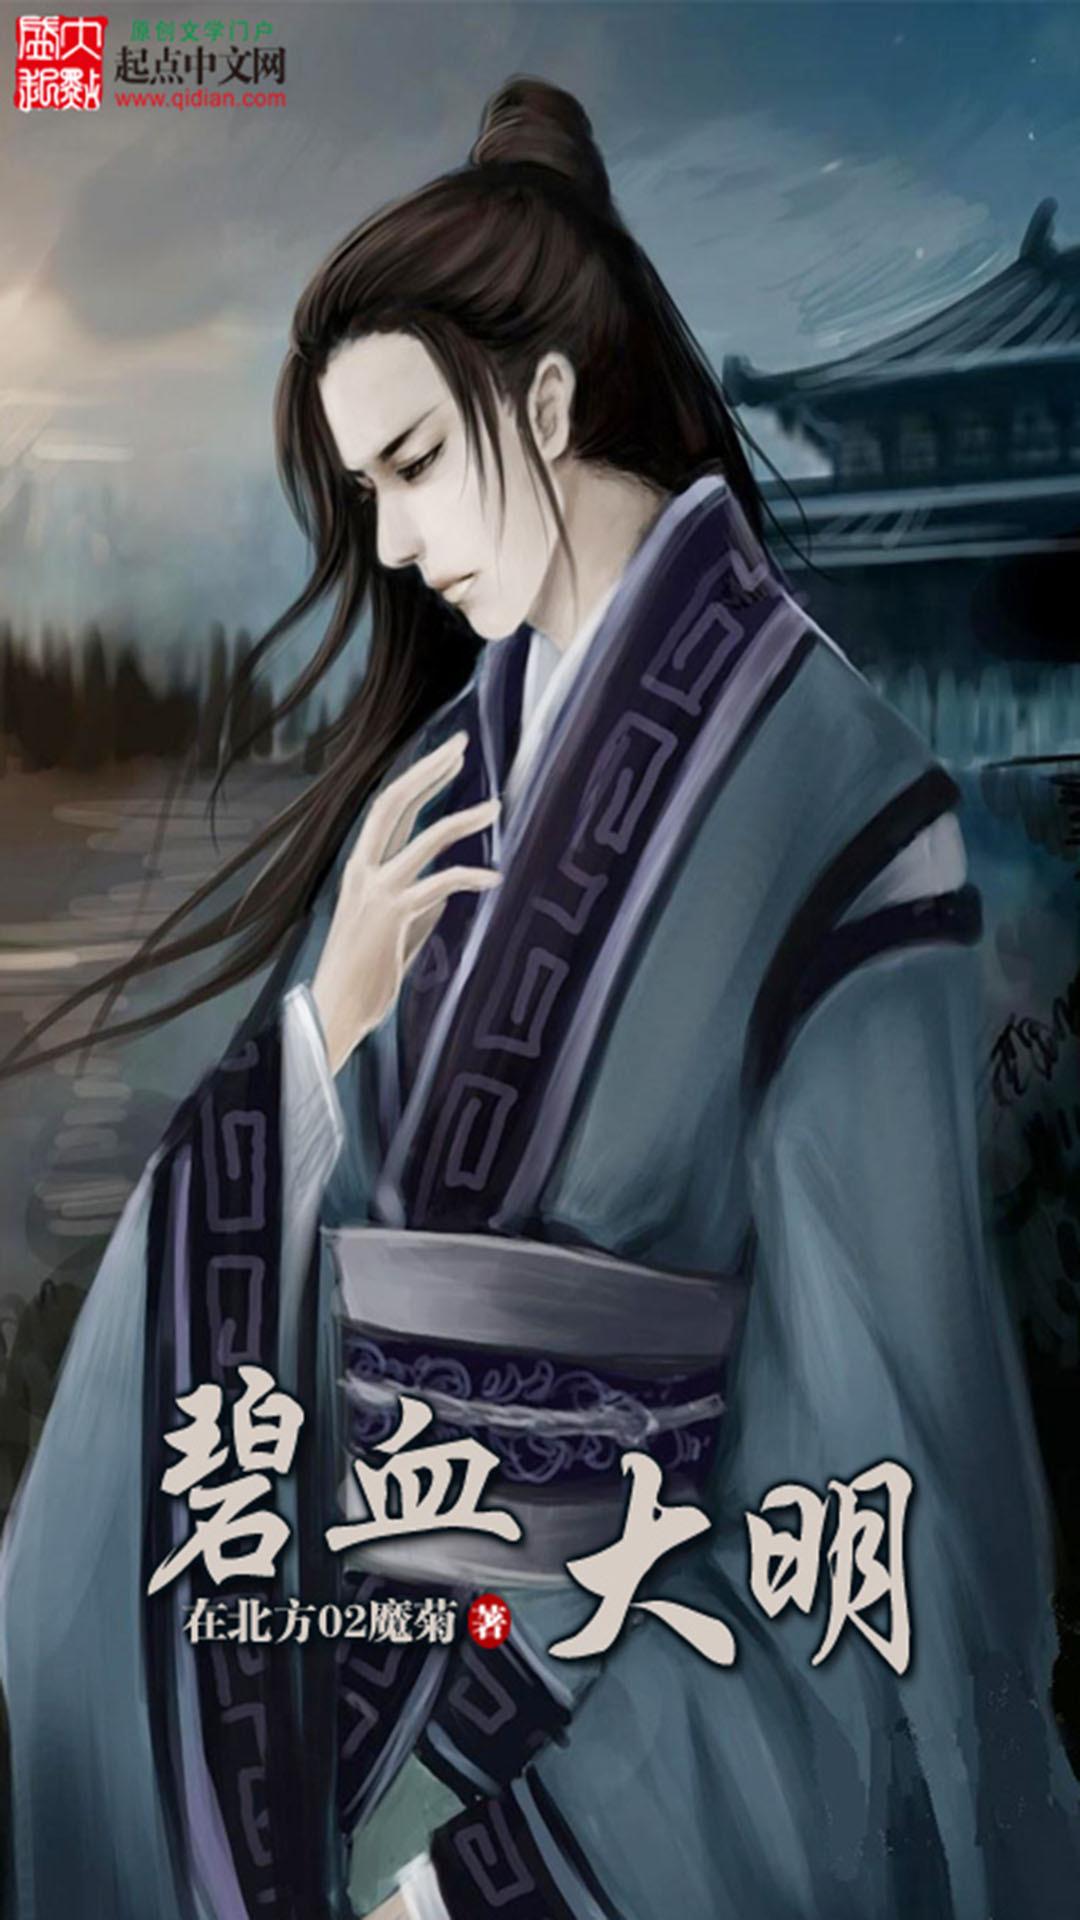 在金庸笔下的碧血大明当中,现代灵魂张杨穿越成崇祯从而改变